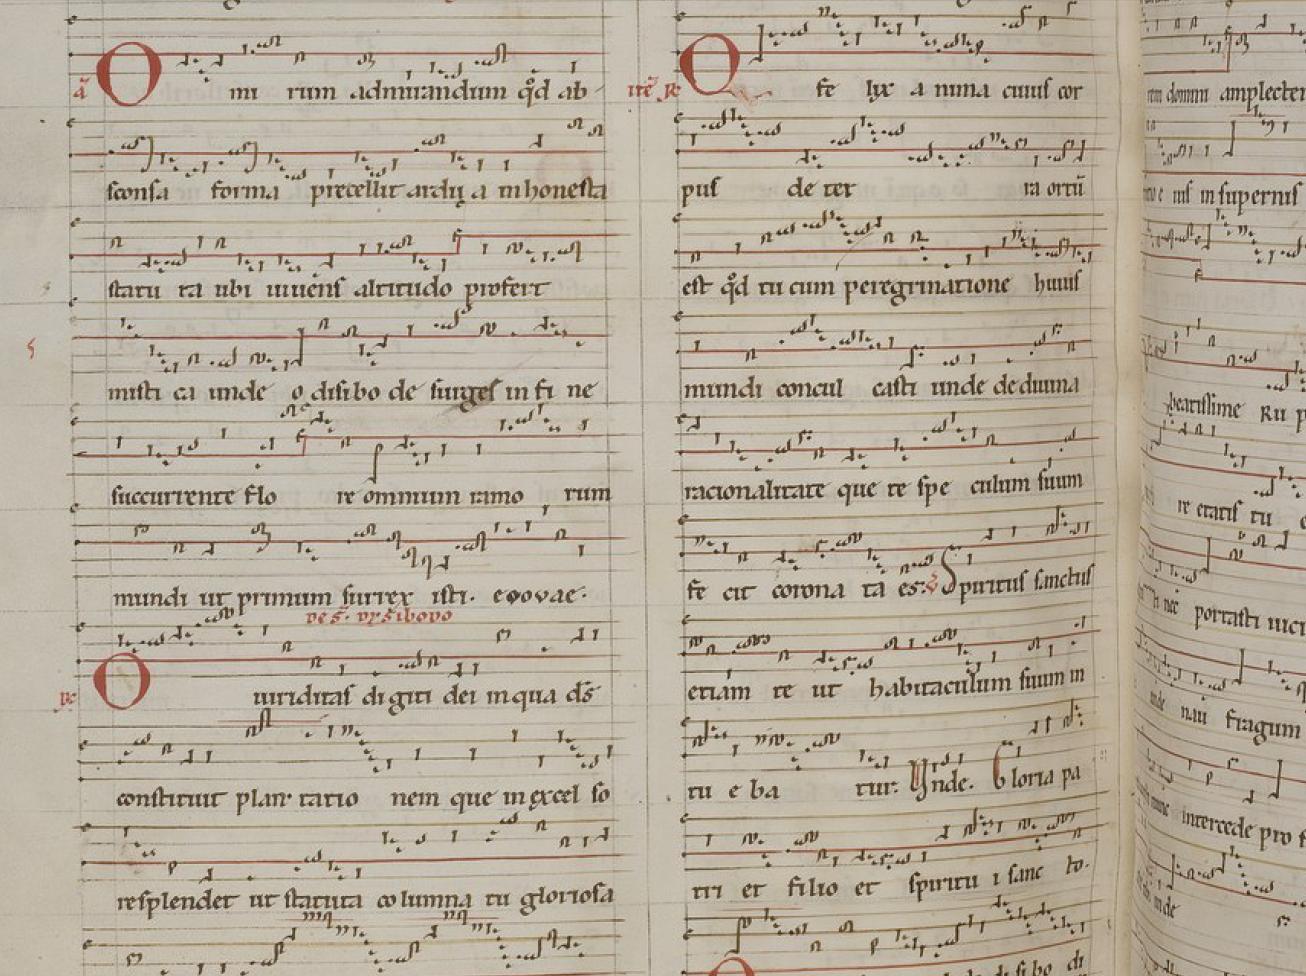 Riesencodex folio 0470v